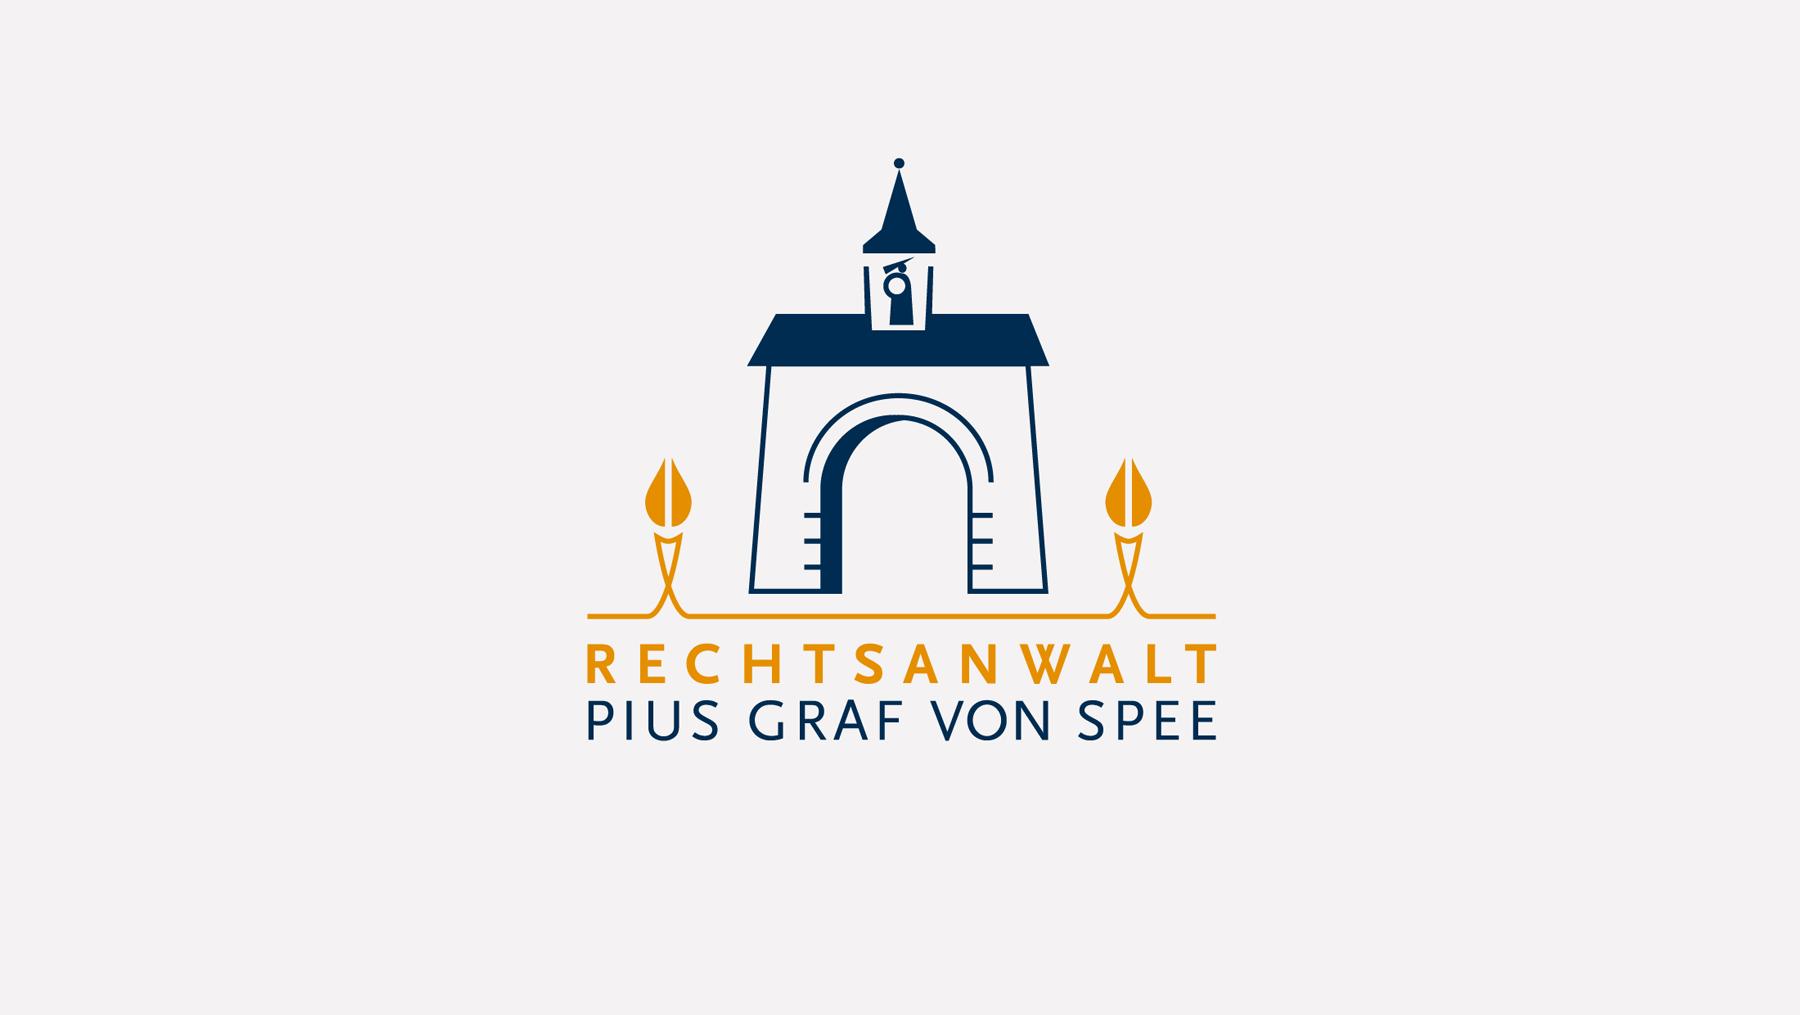 Logo - Rechtsanwalt Pius Graf von Spee